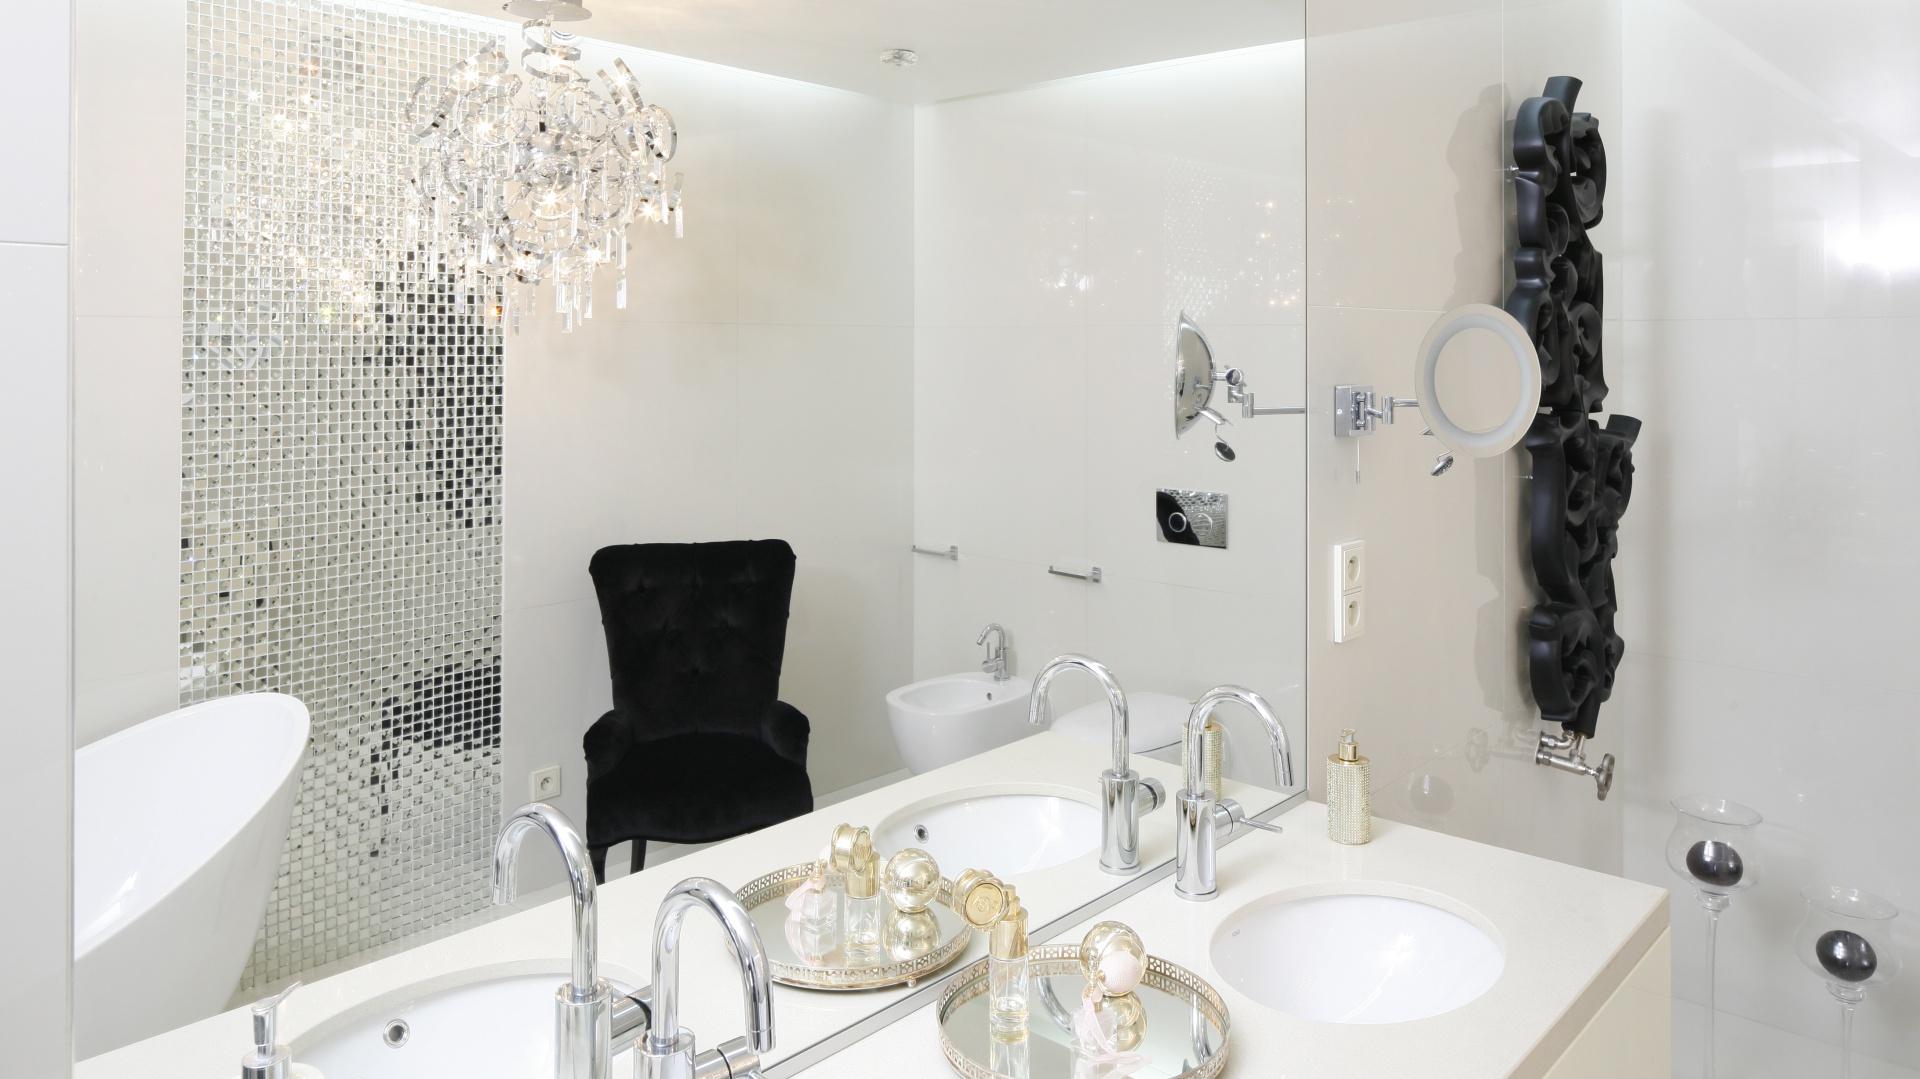 Nowoczesna łazienka....  Nowoczesna łazienka - 10 projektów w bieli i szarościach  Strona: 4